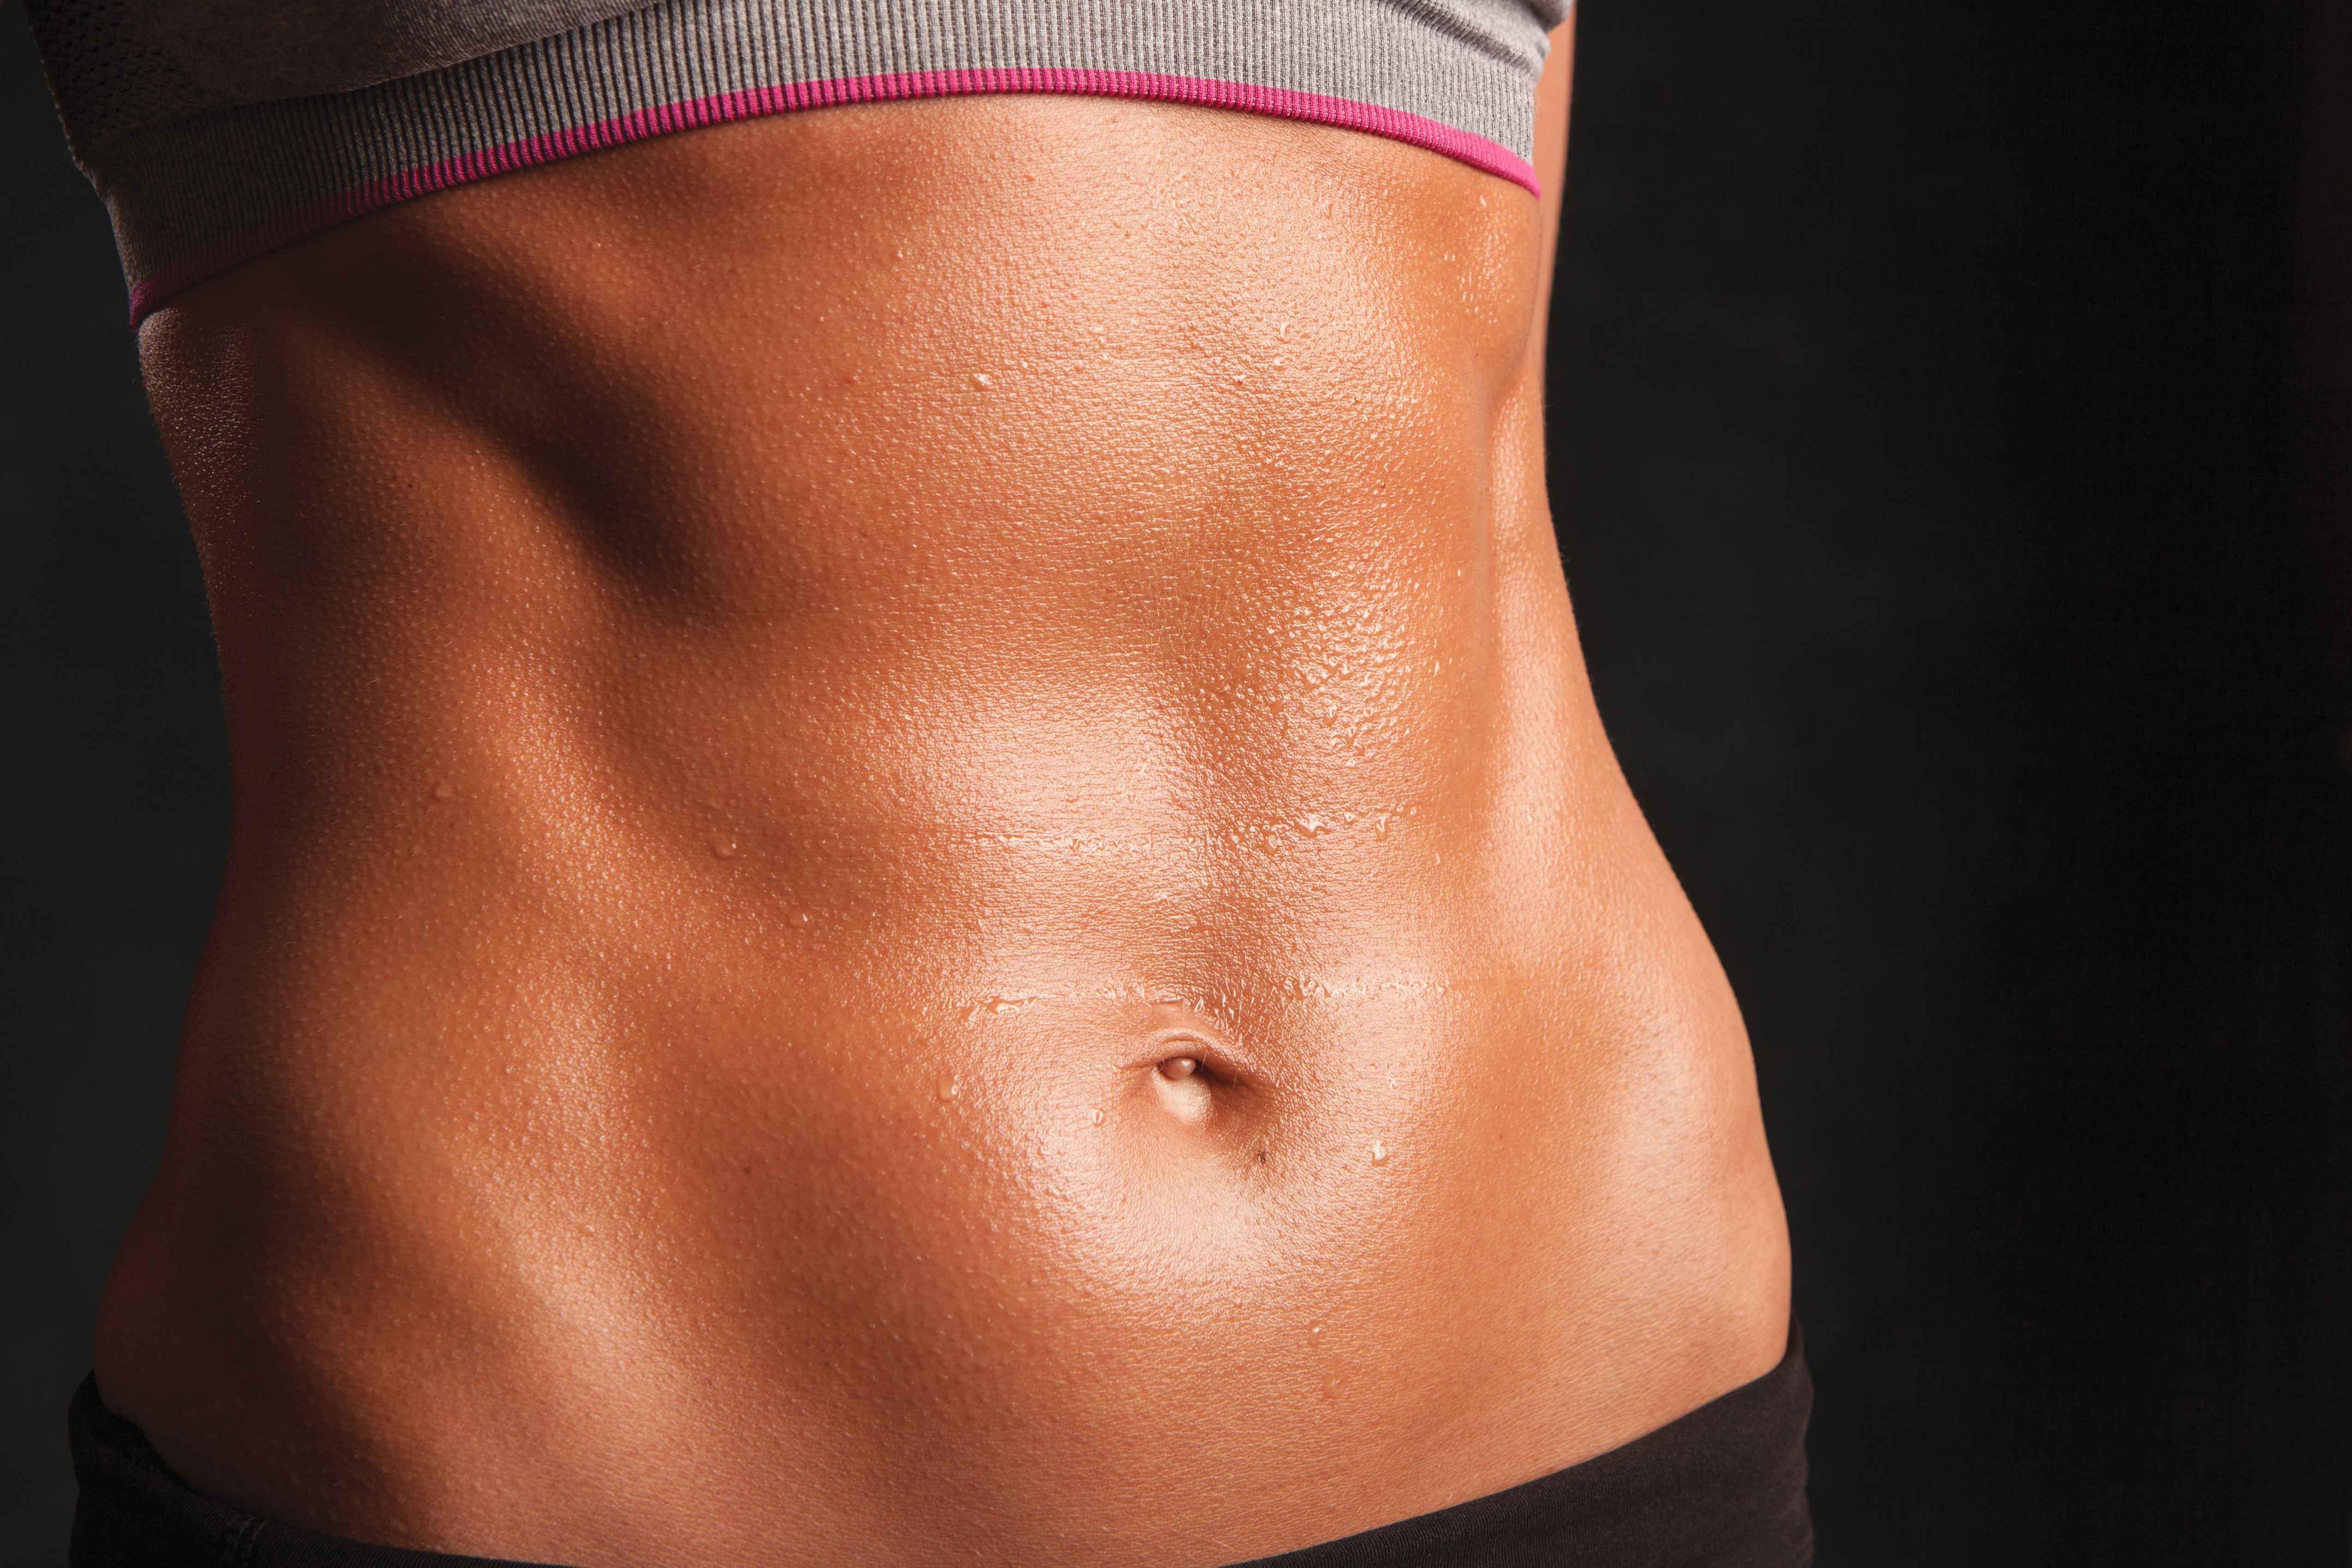 fursecuri pentru pierderea in greutate nene pierdere în greutate nba